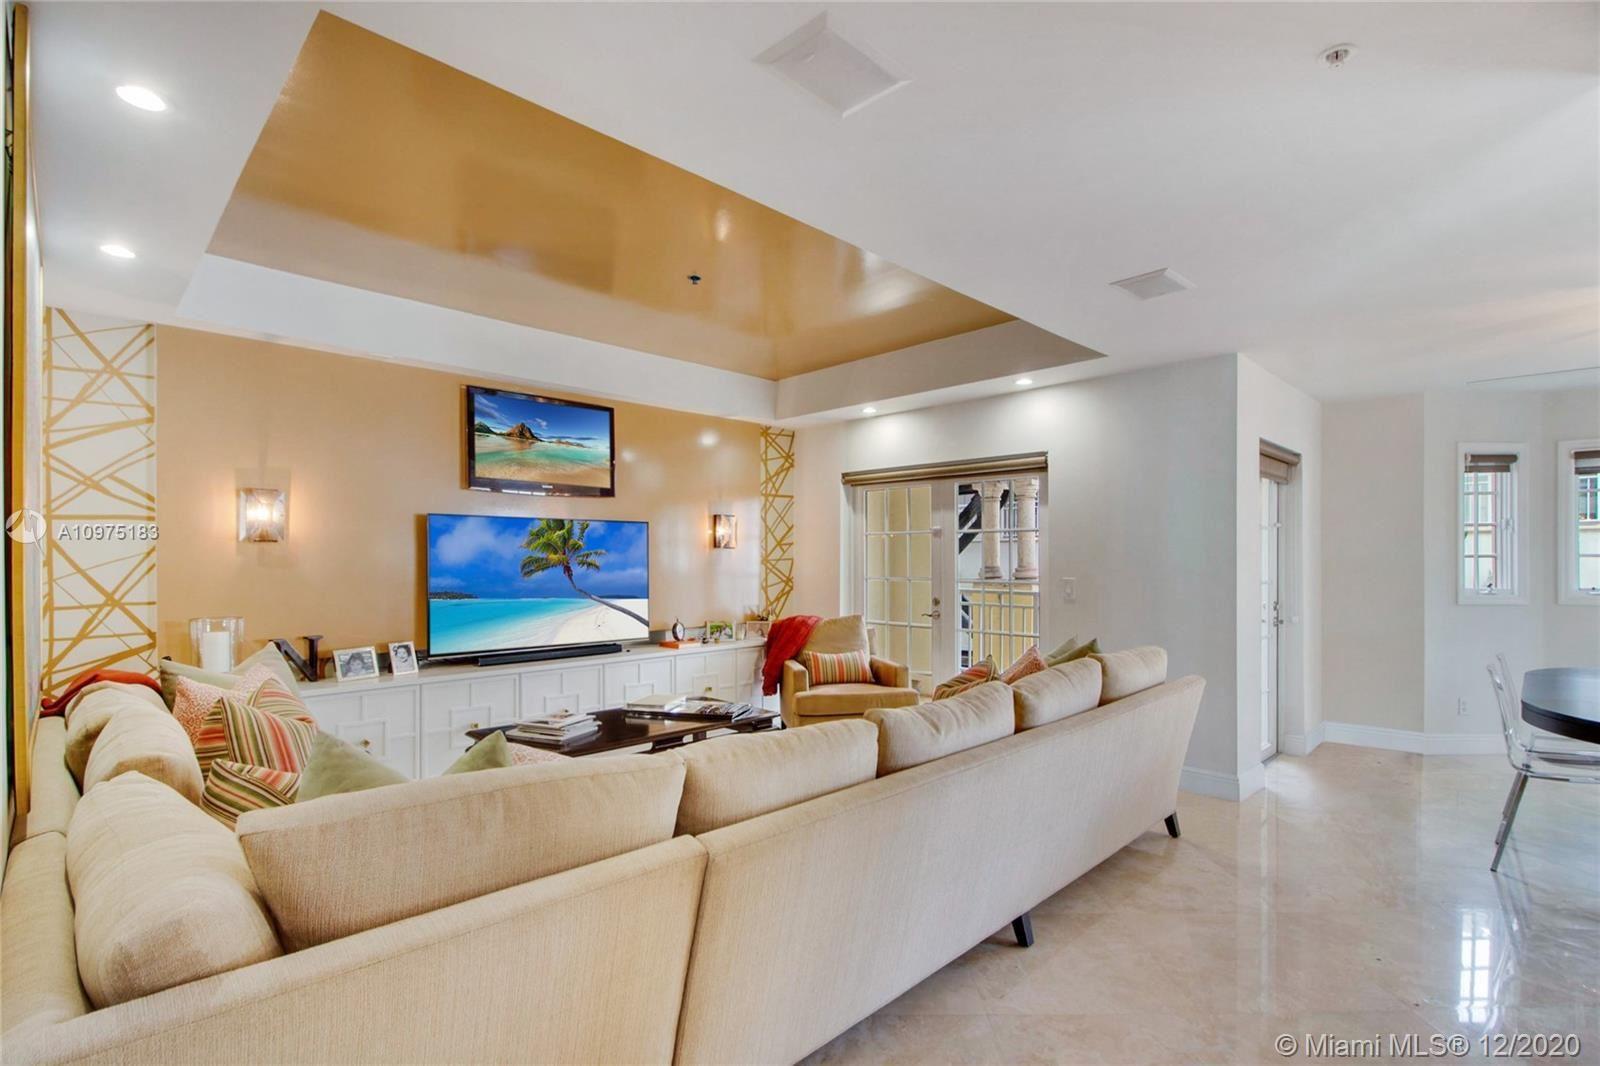 1415 20th St #206, Miami Beach, FL 33139 - #: A10975183